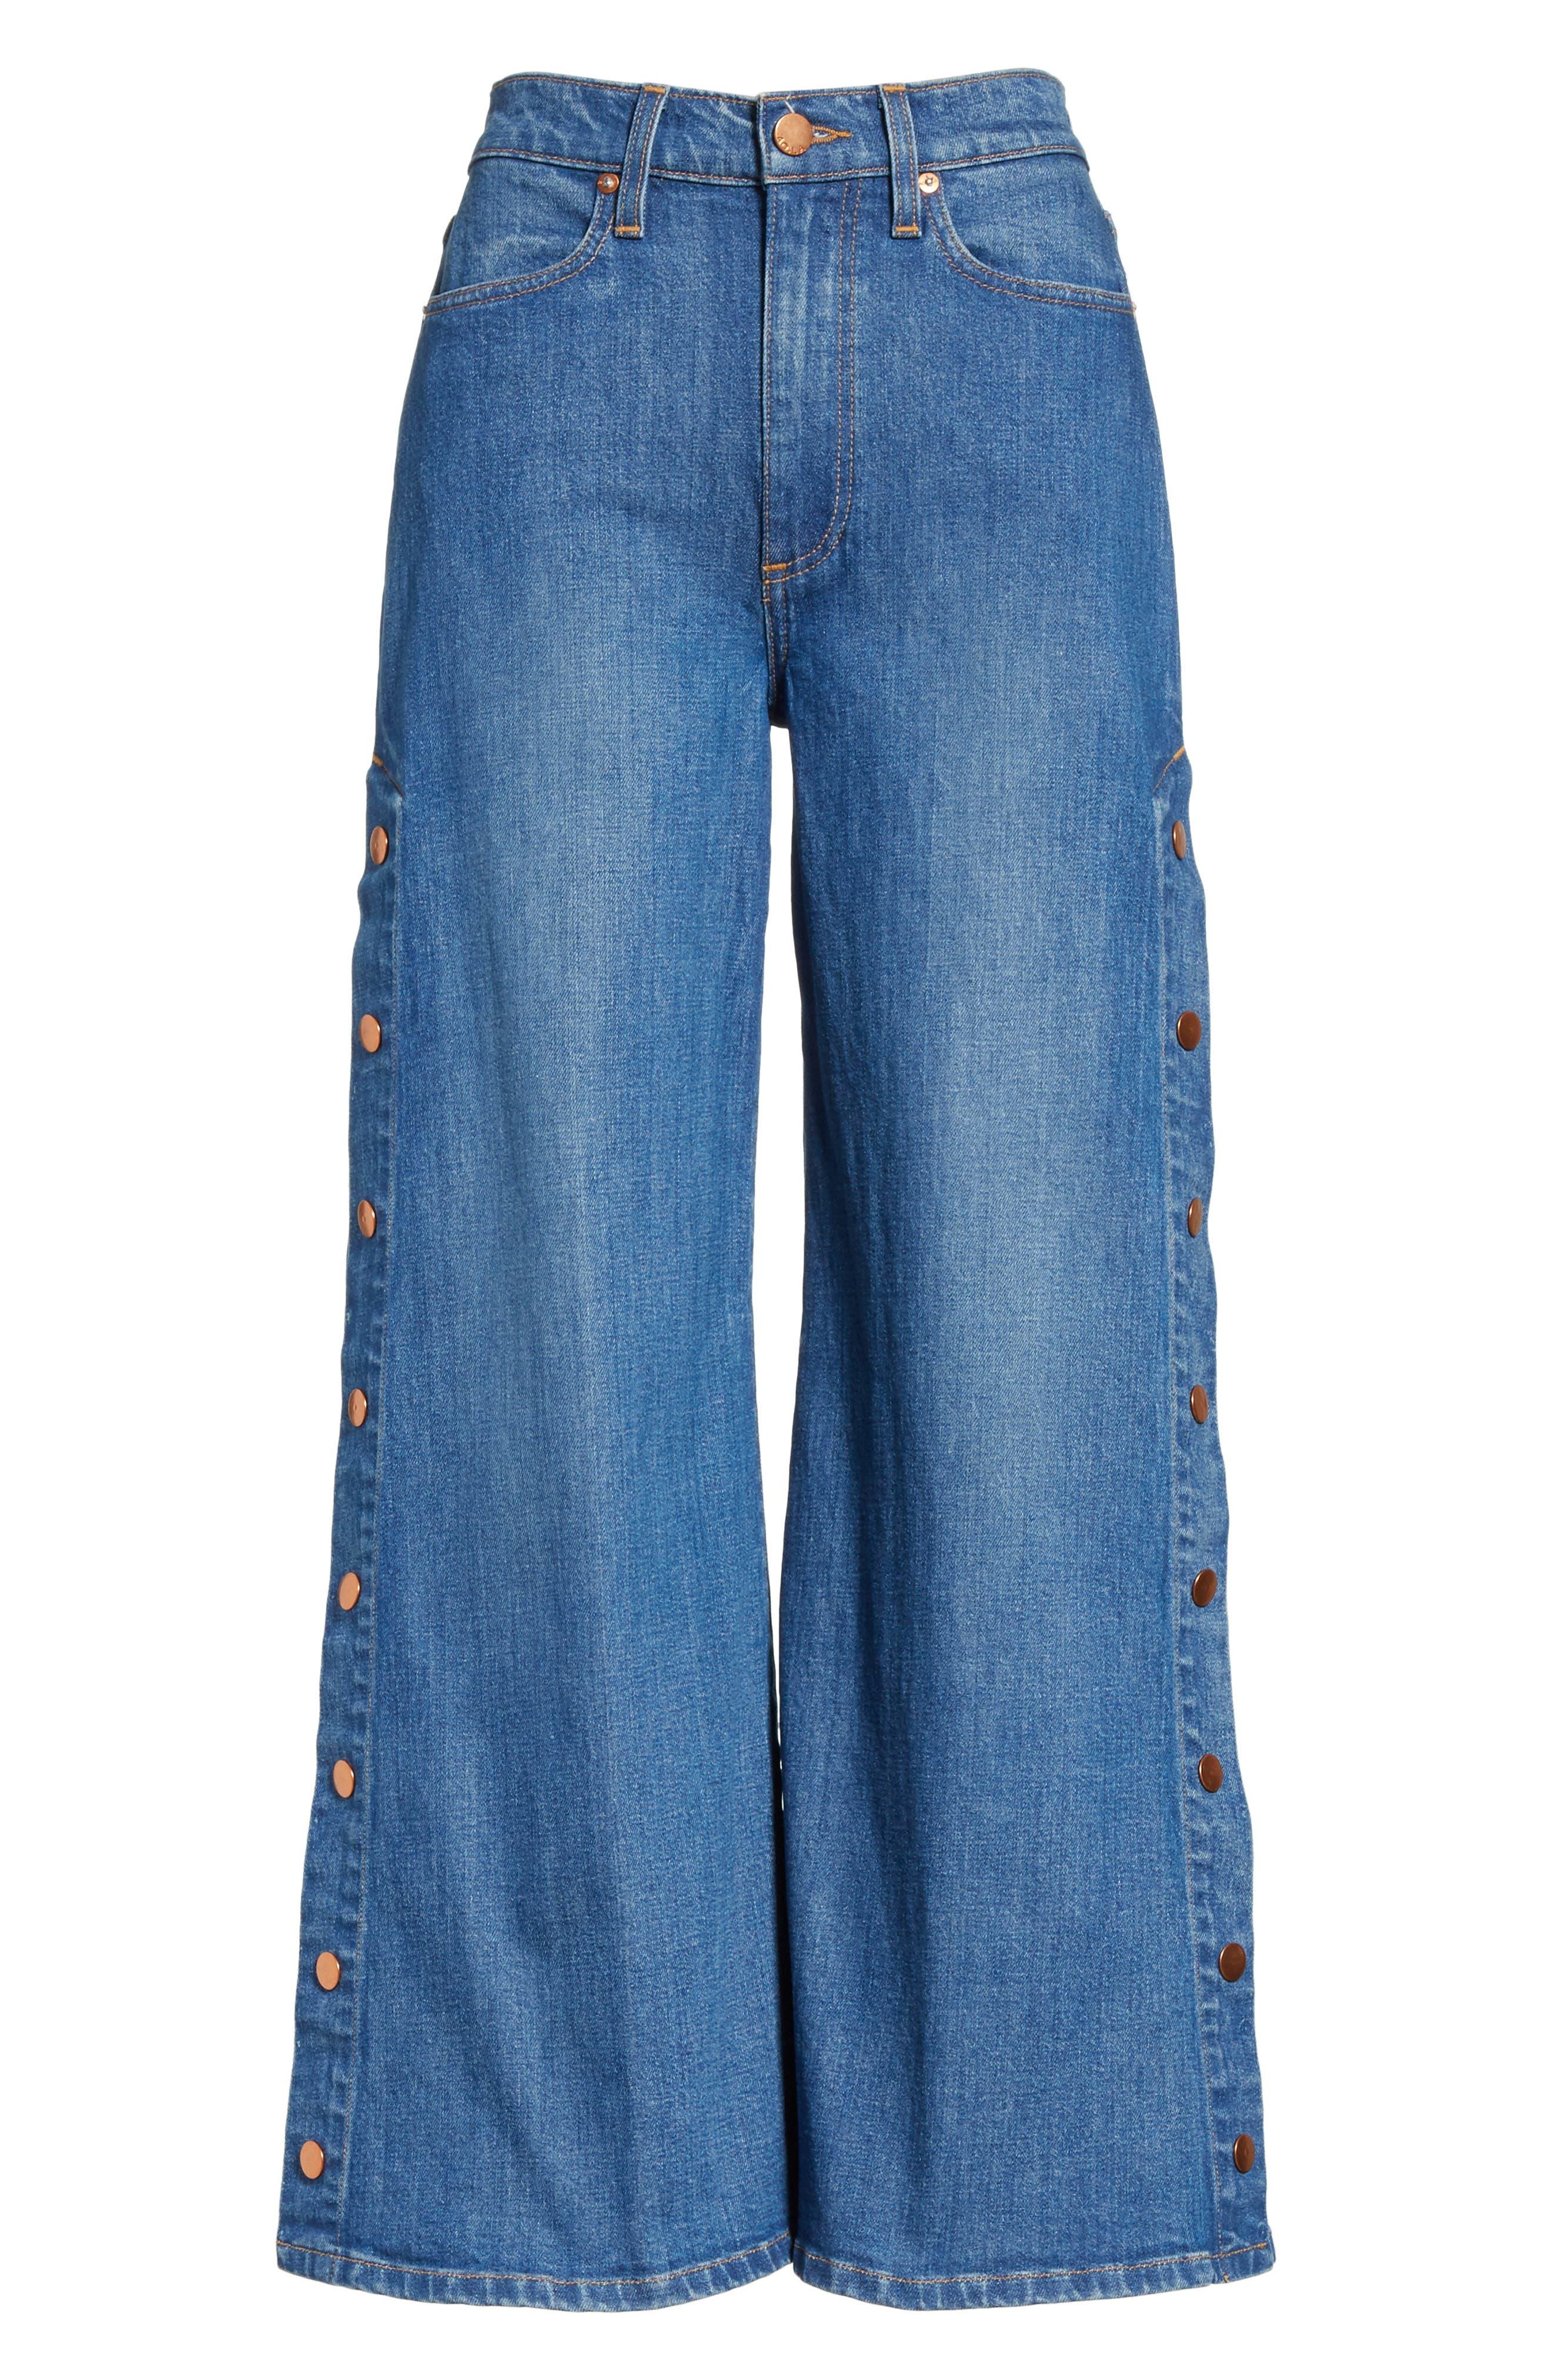 AO.LA Gorgeous Snap Side Crop Flare Jeans,                             Alternate thumbnail 6, color,                             460